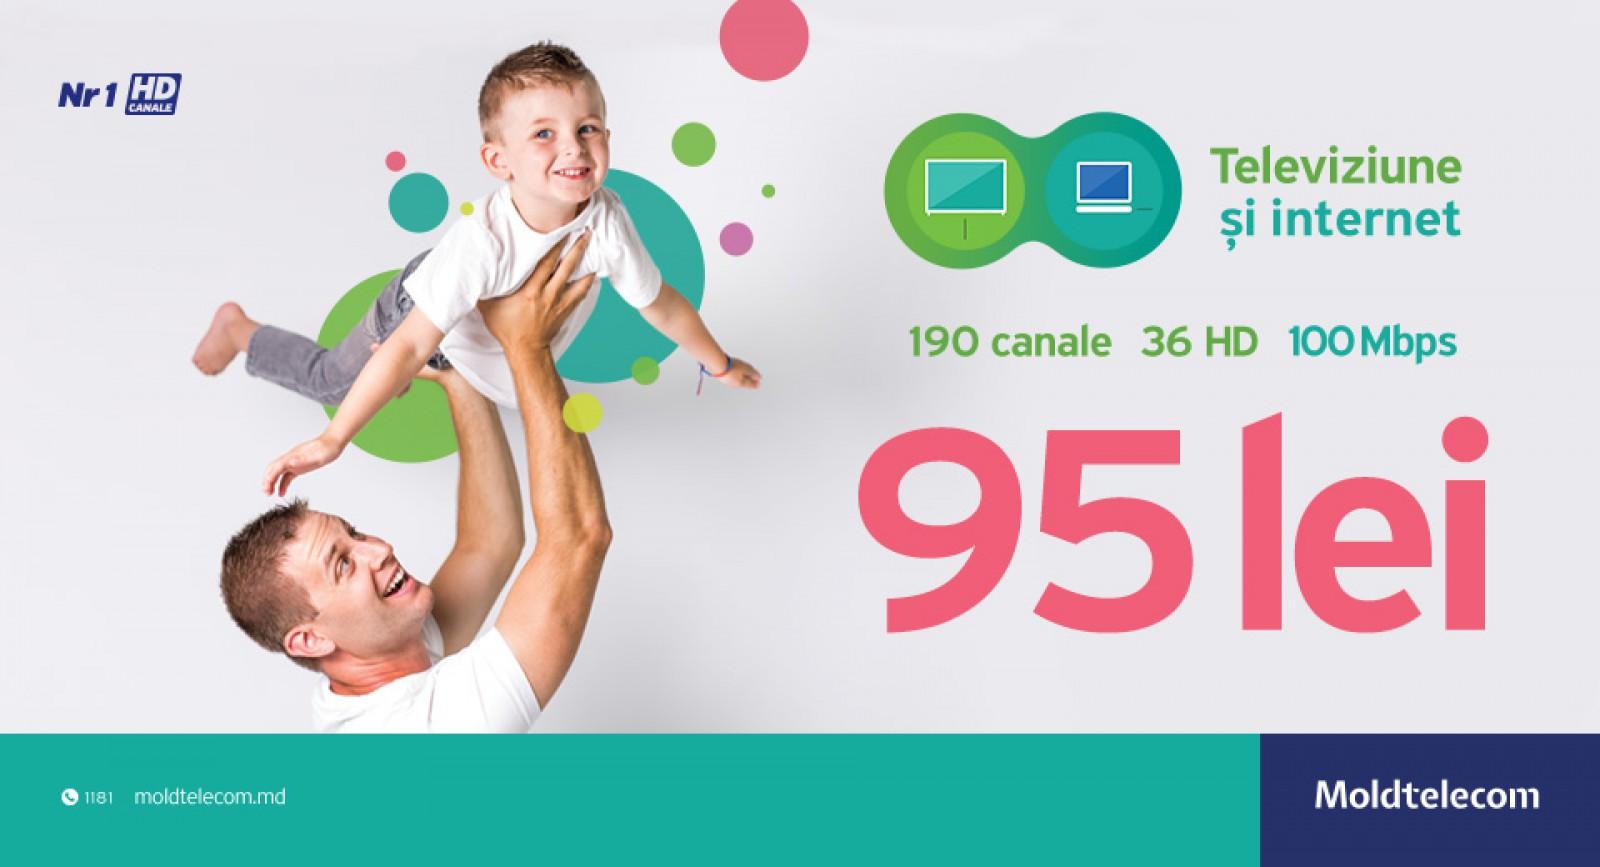 Televiziune digitală Moldtelecom cu cele mai multe canale HD şi Internet fix la viteză de 100 Mbps la doar 95 lei/lună pentru primele 6 luni de la conectare